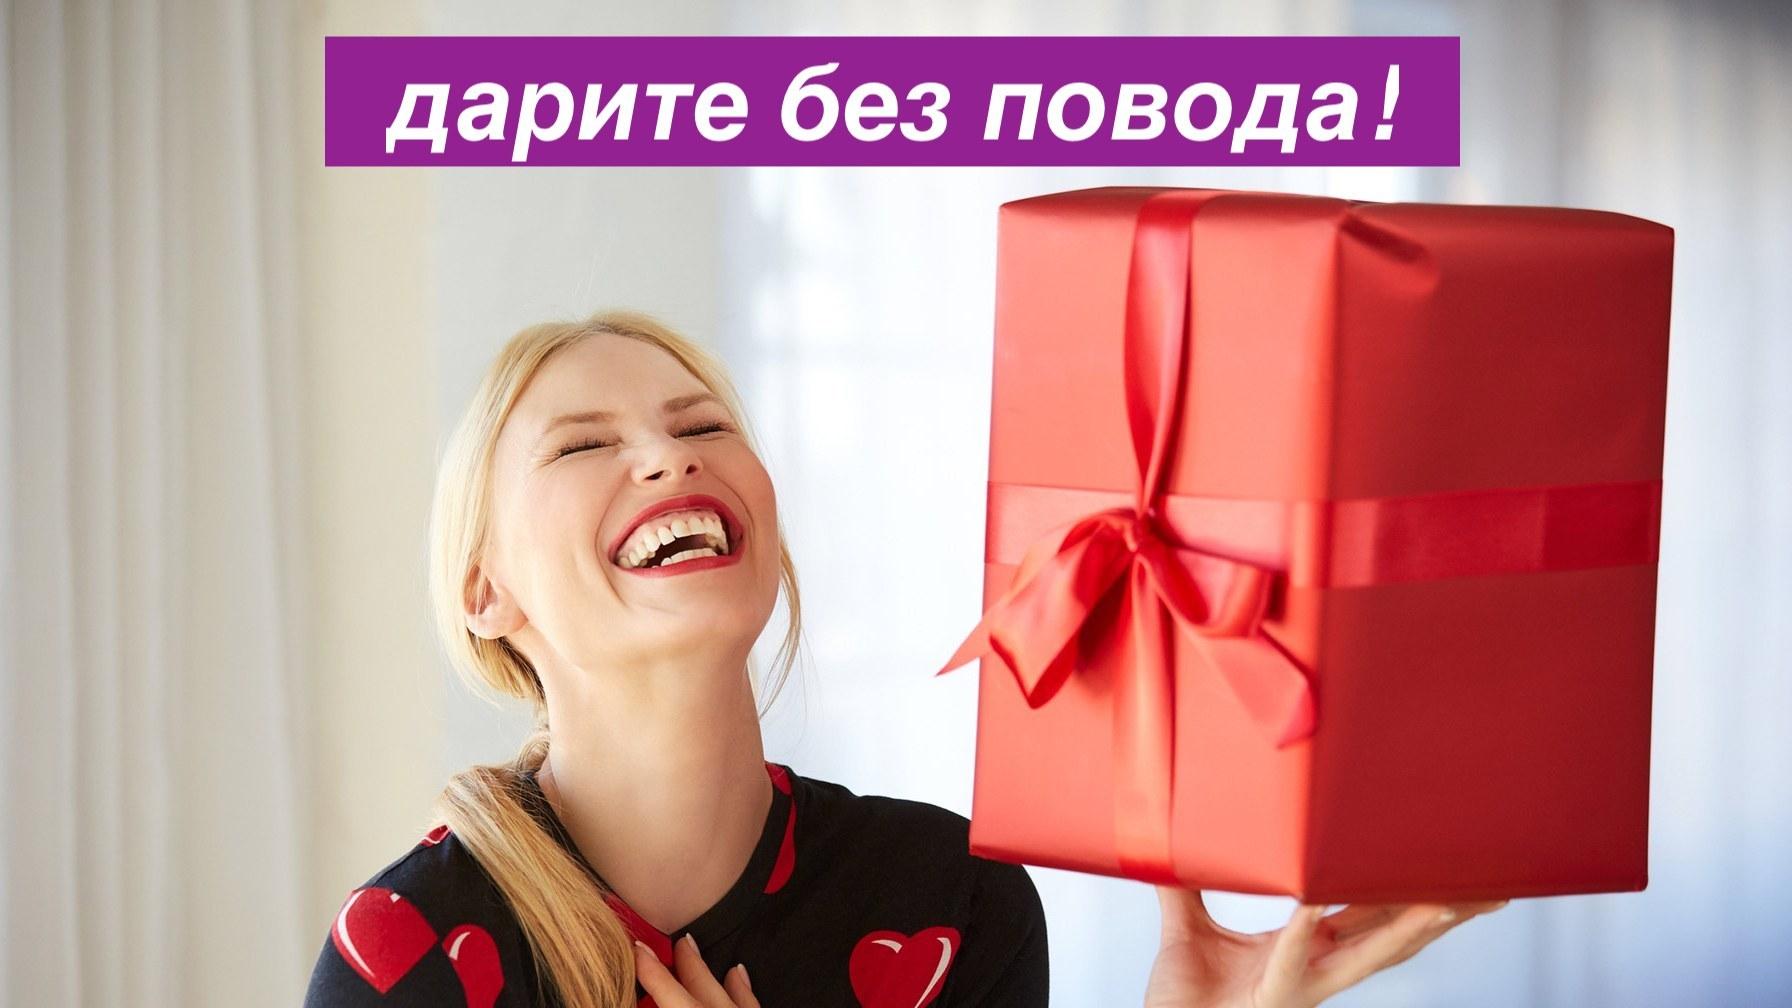 Недорогие подарки до 1000 рублей для девушки уже на сайте!